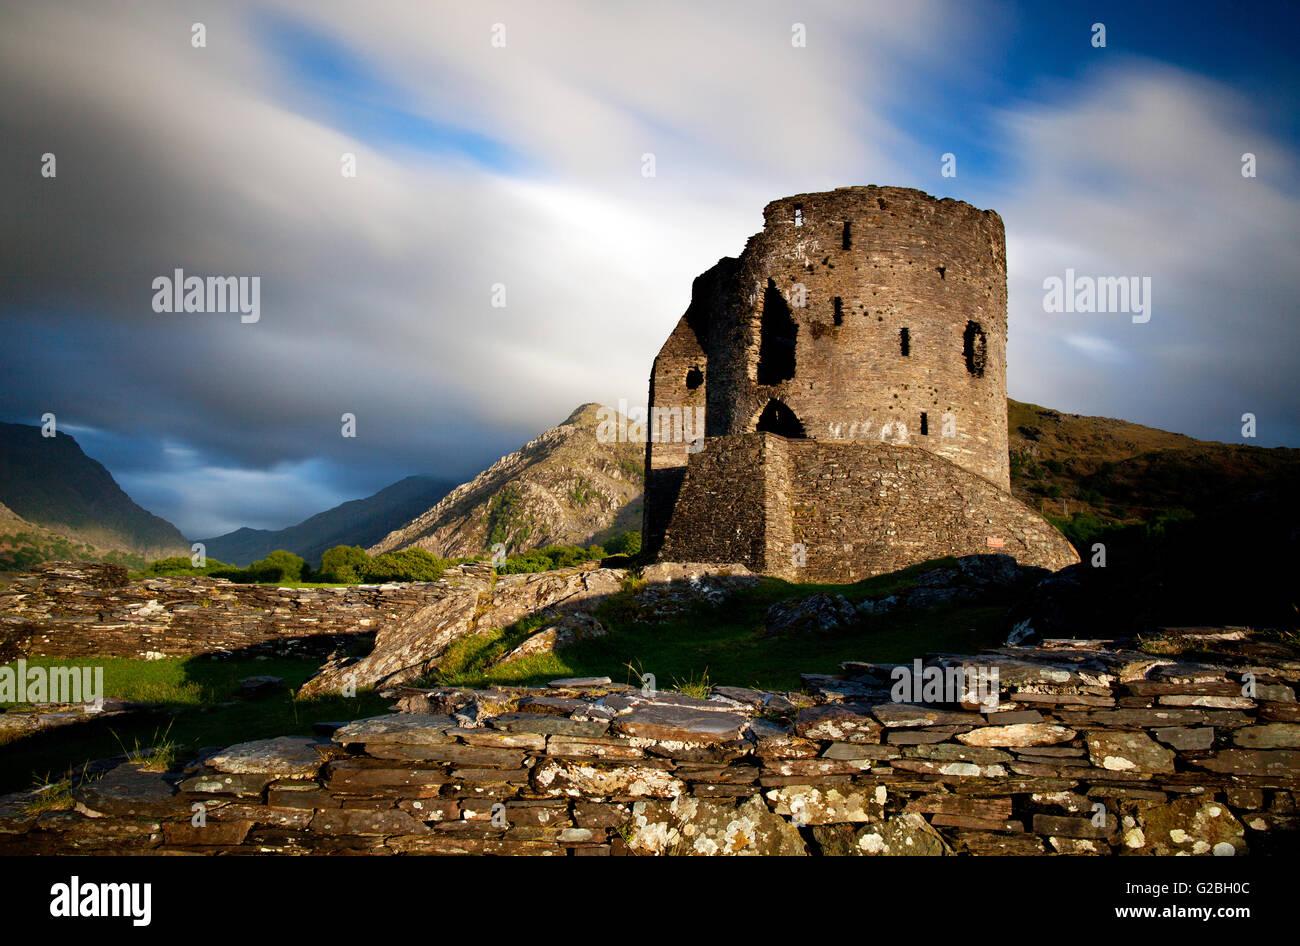 Fotografía por © Jamie Callister. Atardecer en el Castillo de Dolbadarn, Snowdonia, Gwynedd, Gales del Norte, 21 Foto de stock